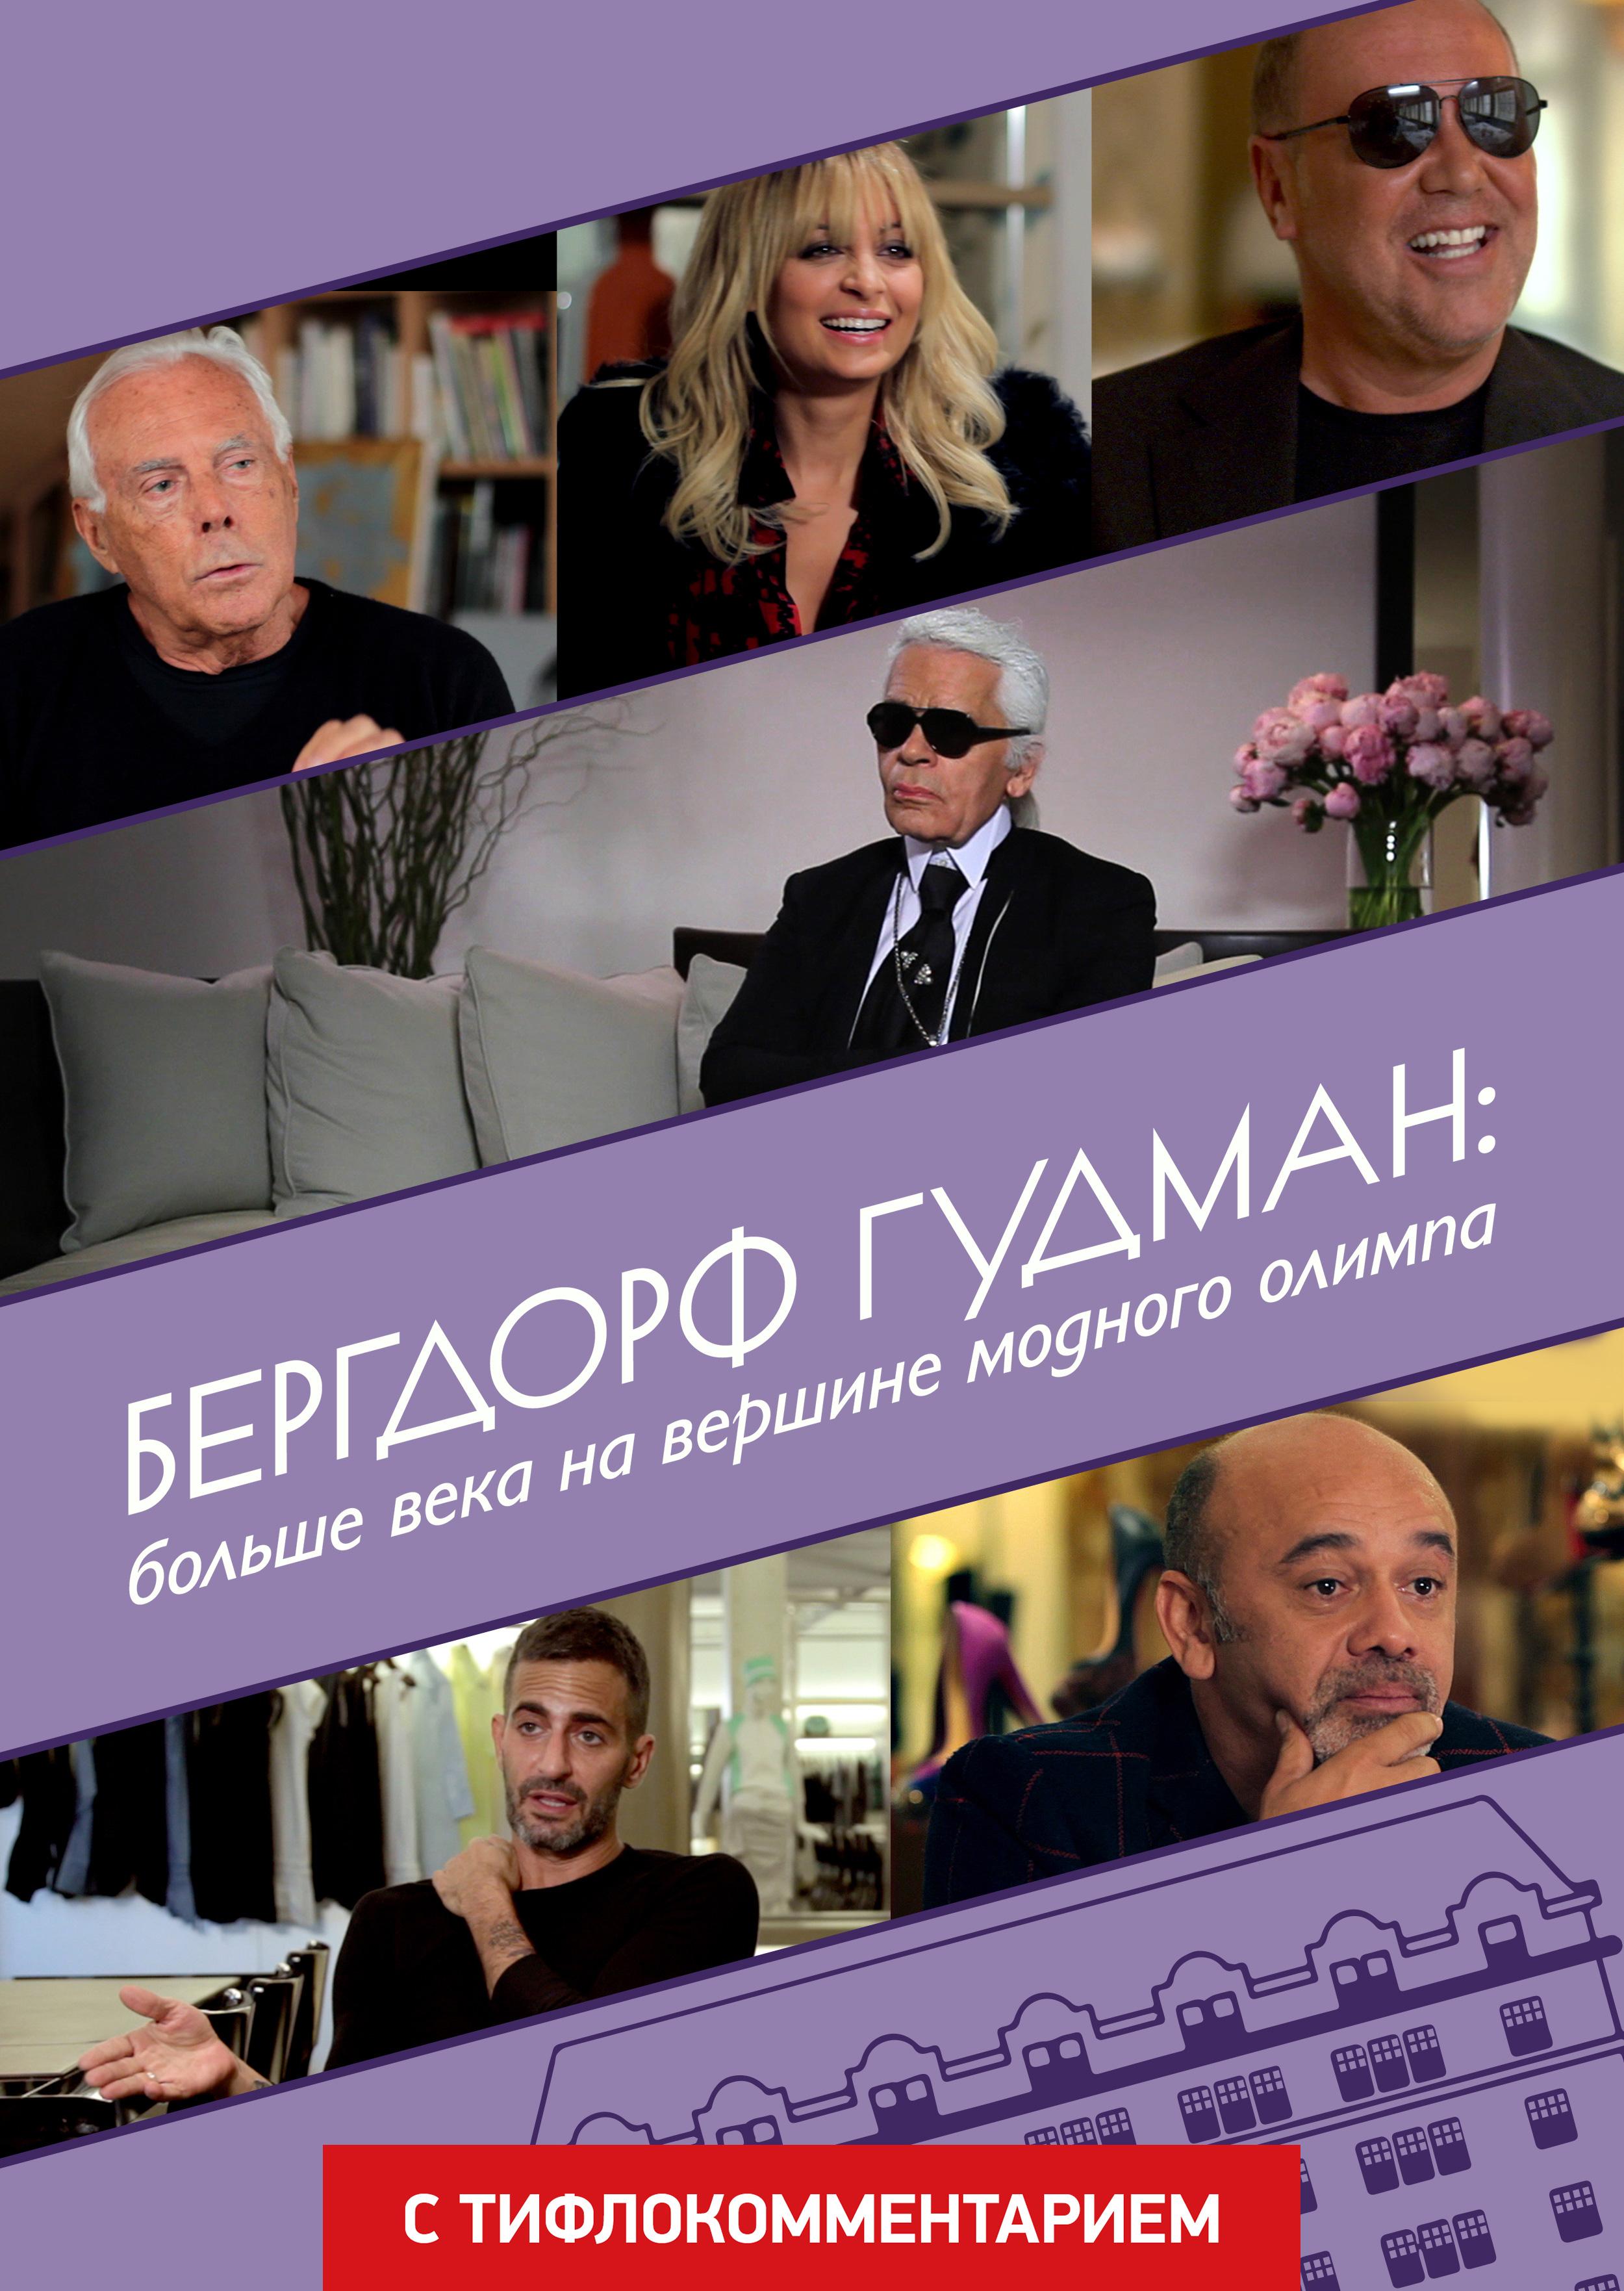 Бергдорф Гудман: Больше века на вершине модного олимпа (версия с тифлокомментарием)